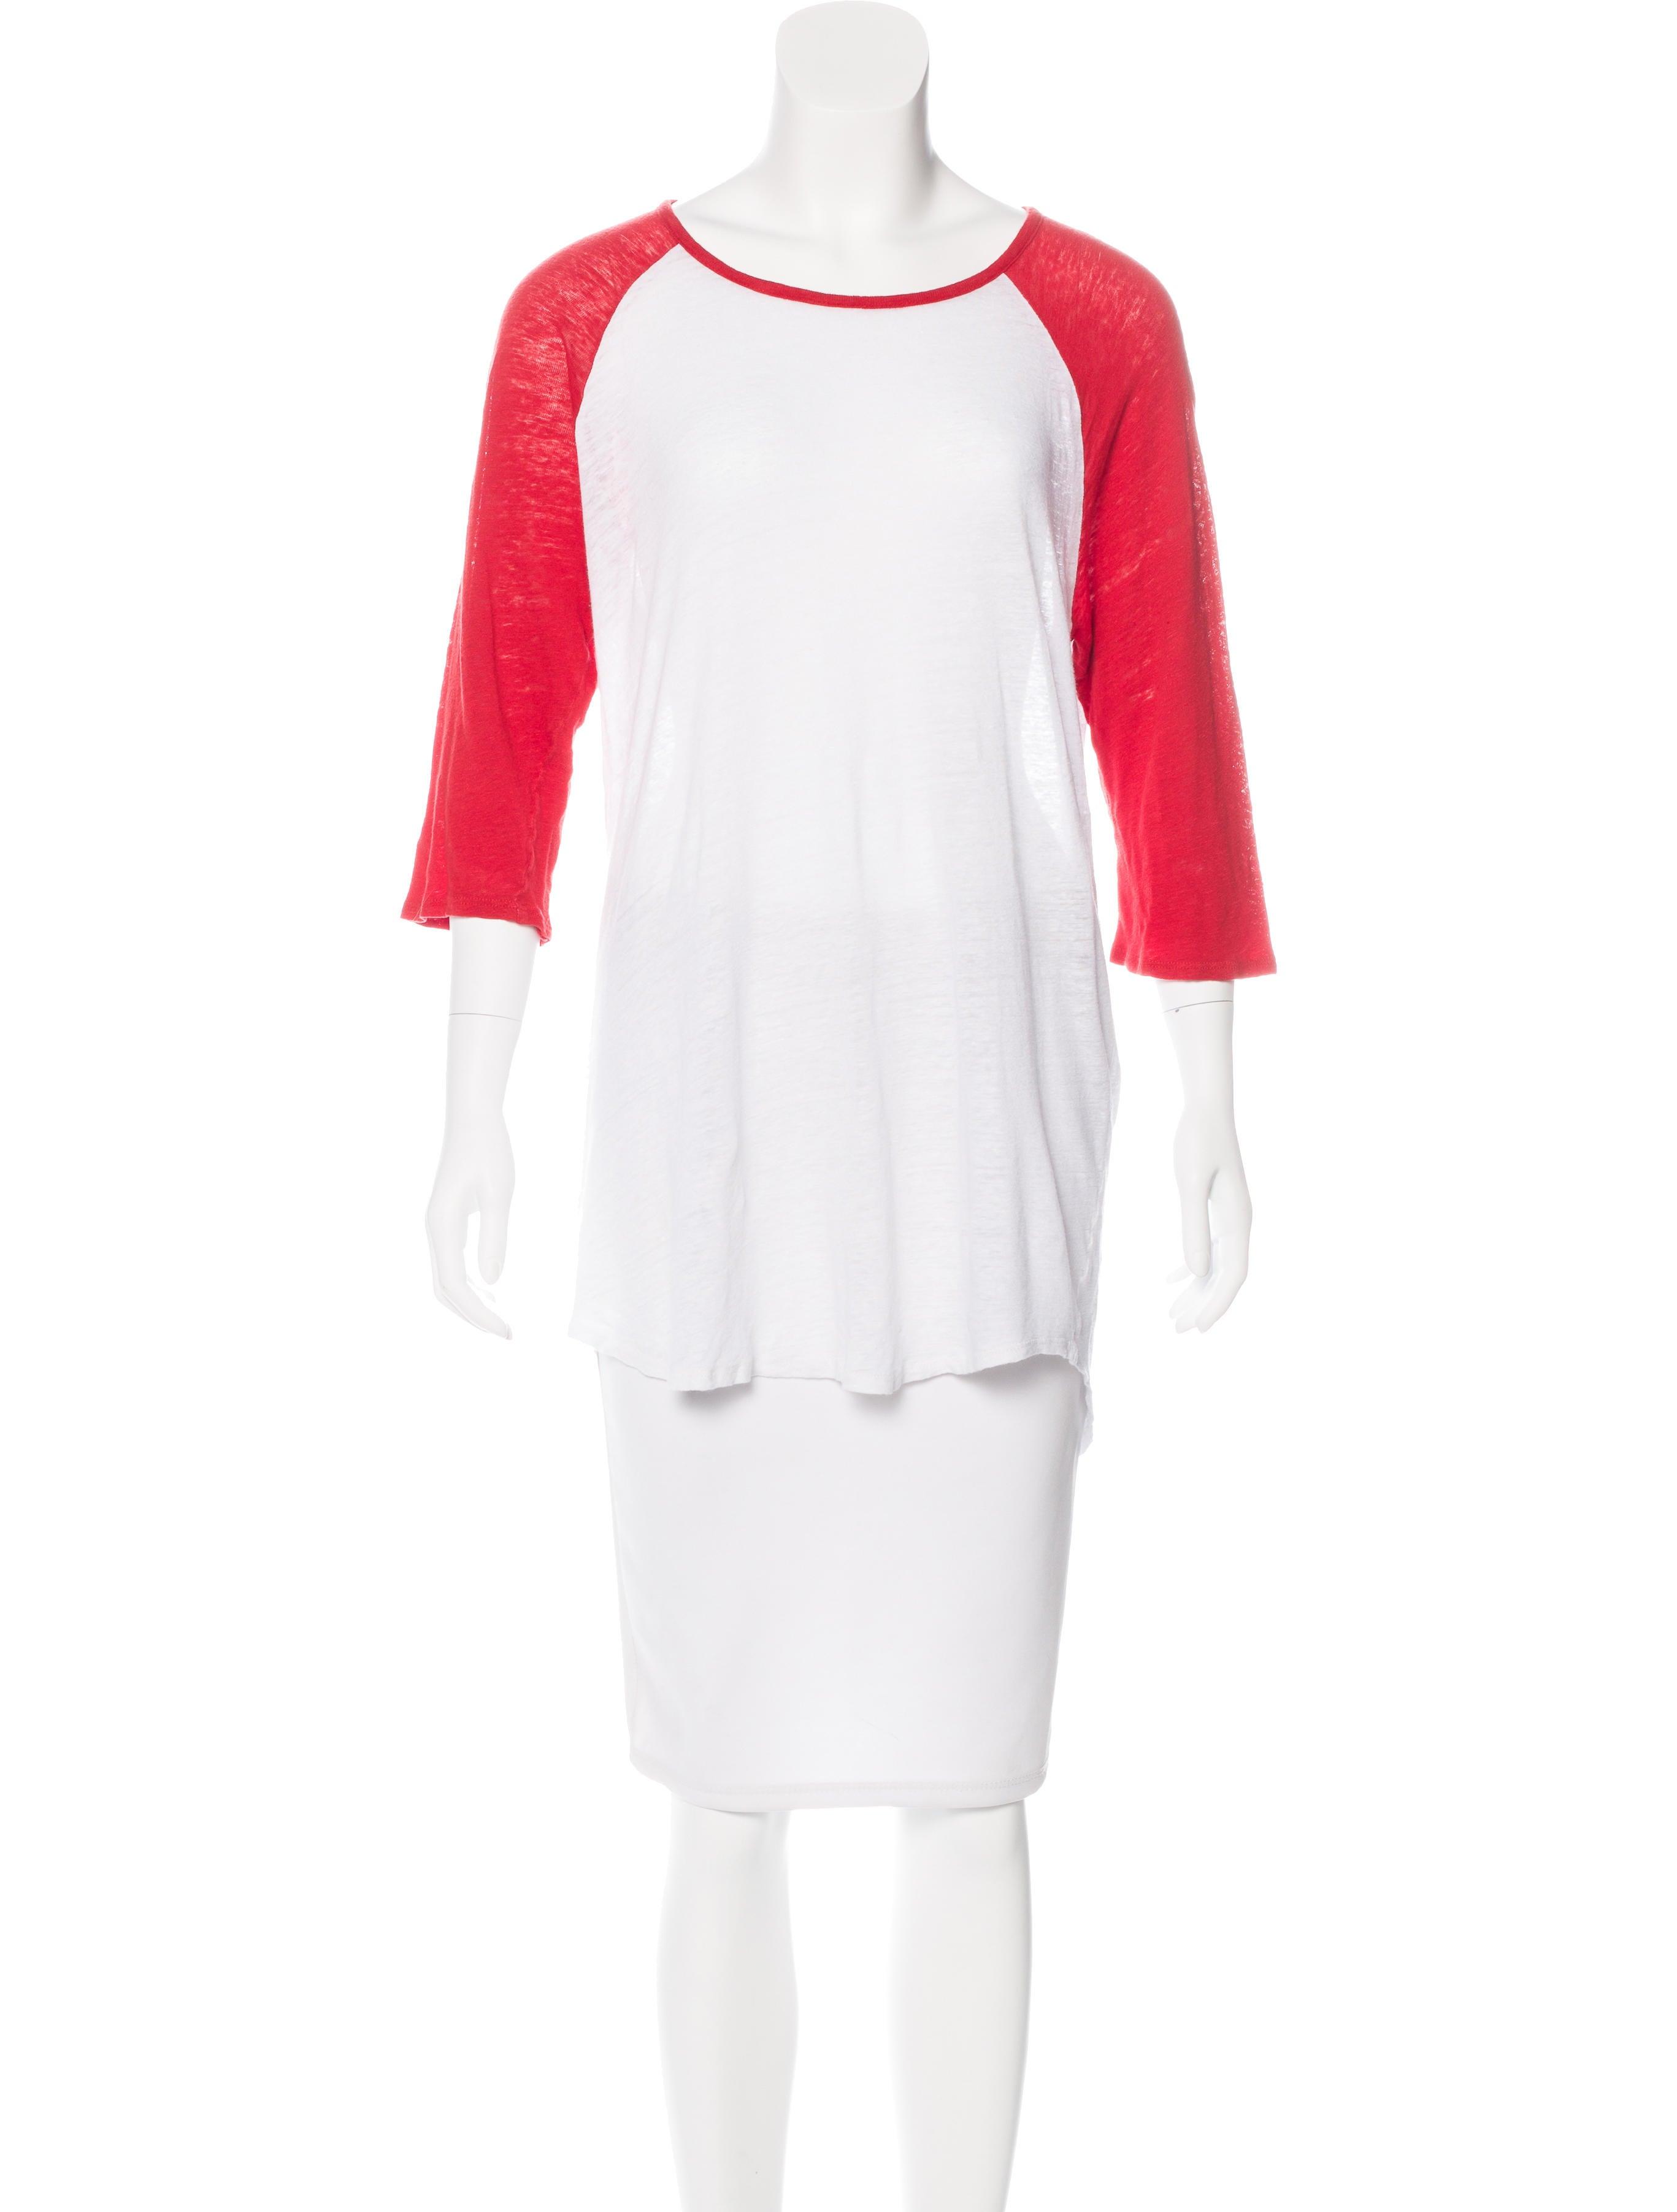 Frame denim slub jersey t shirt clothing wfd24738 for What is a slub shirt